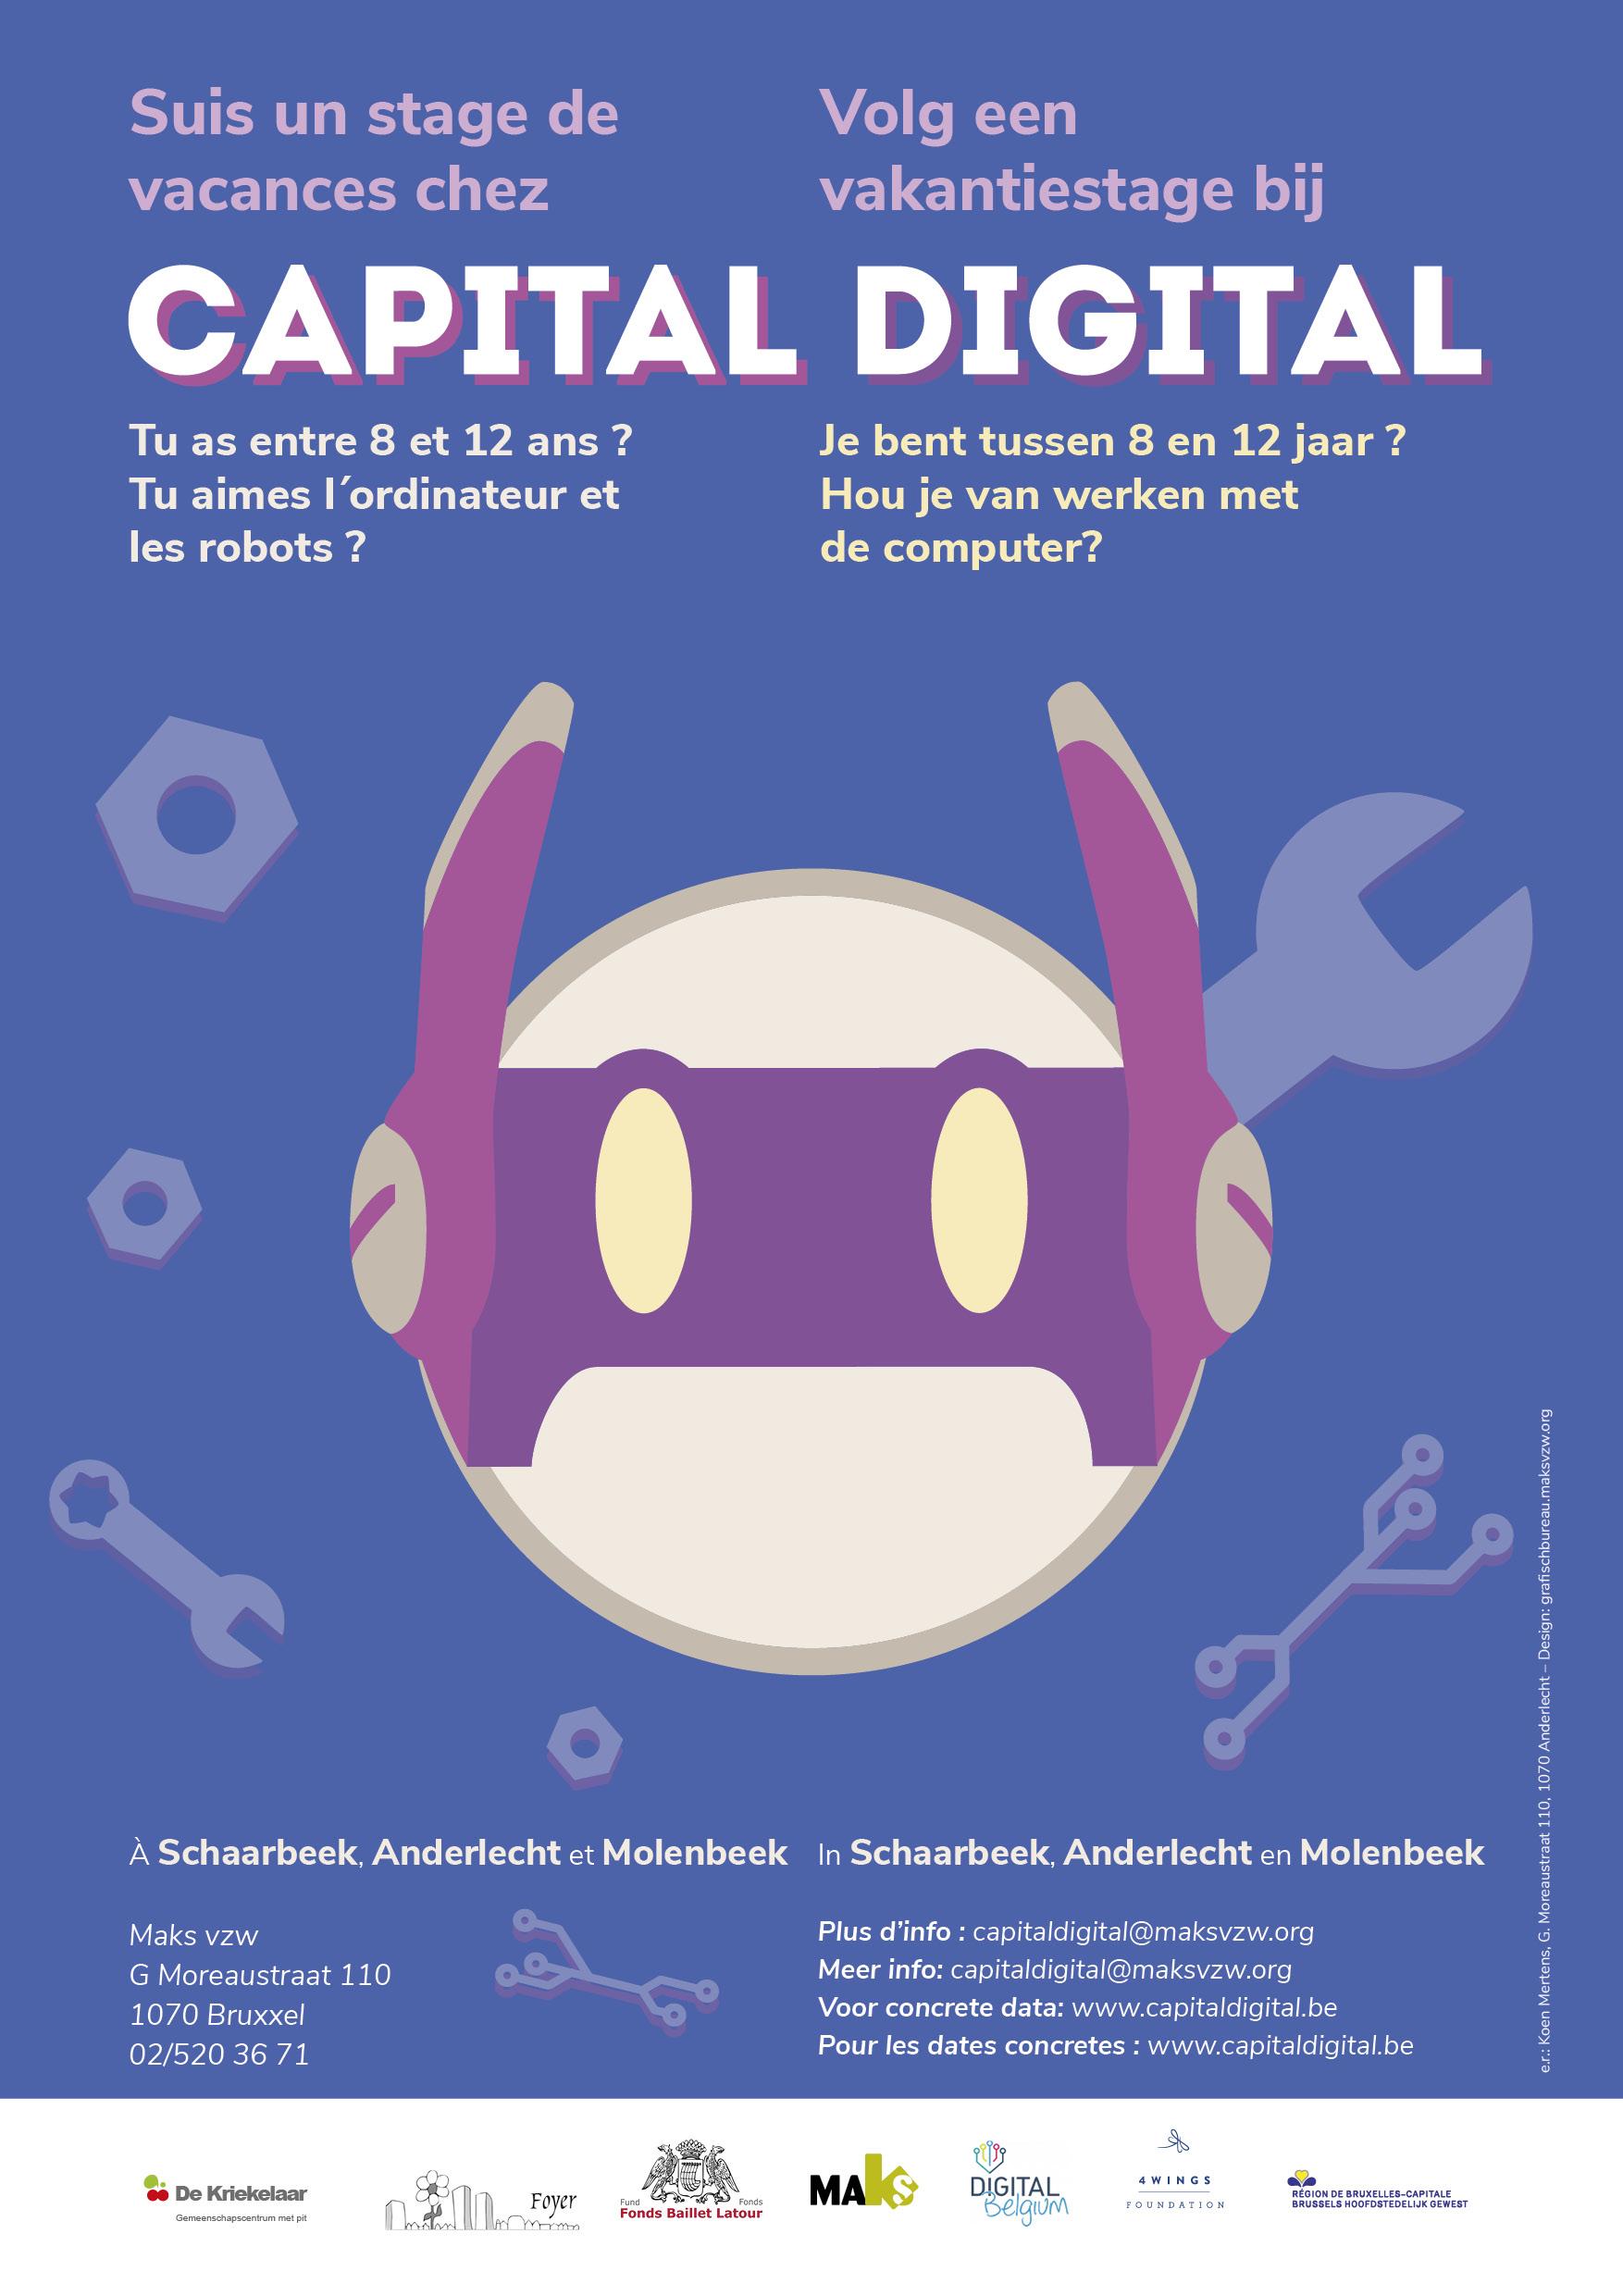 Les inscriptions pour Capital Digital en 2020 sont ouvertes !